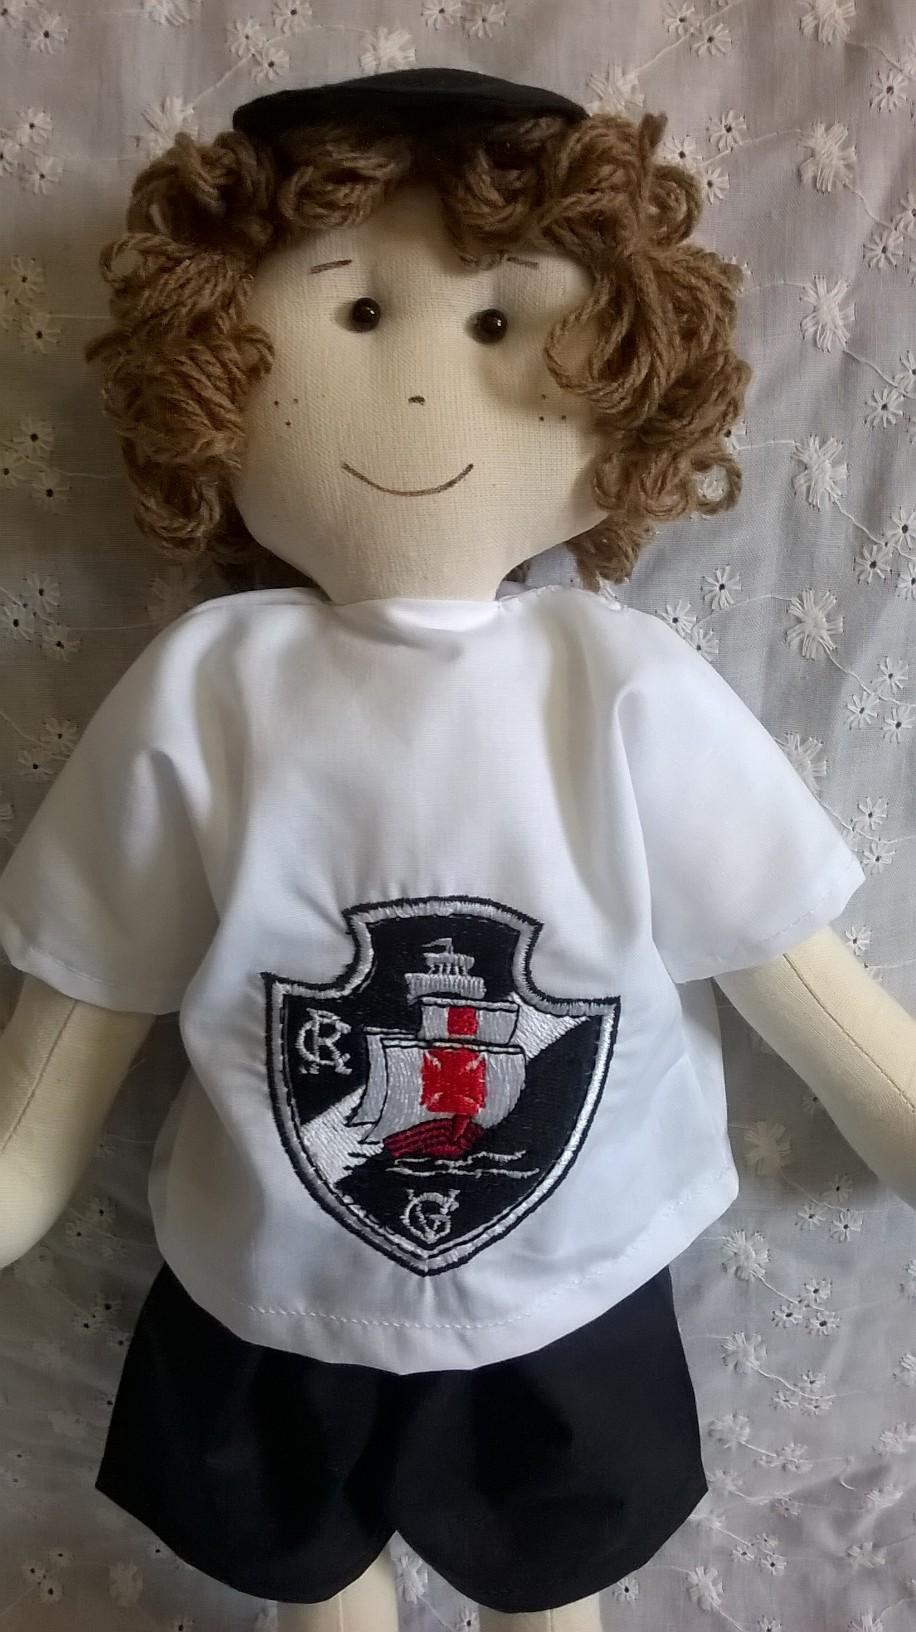 Boneco Blusa do Vasco  ac15a85bd0ad5